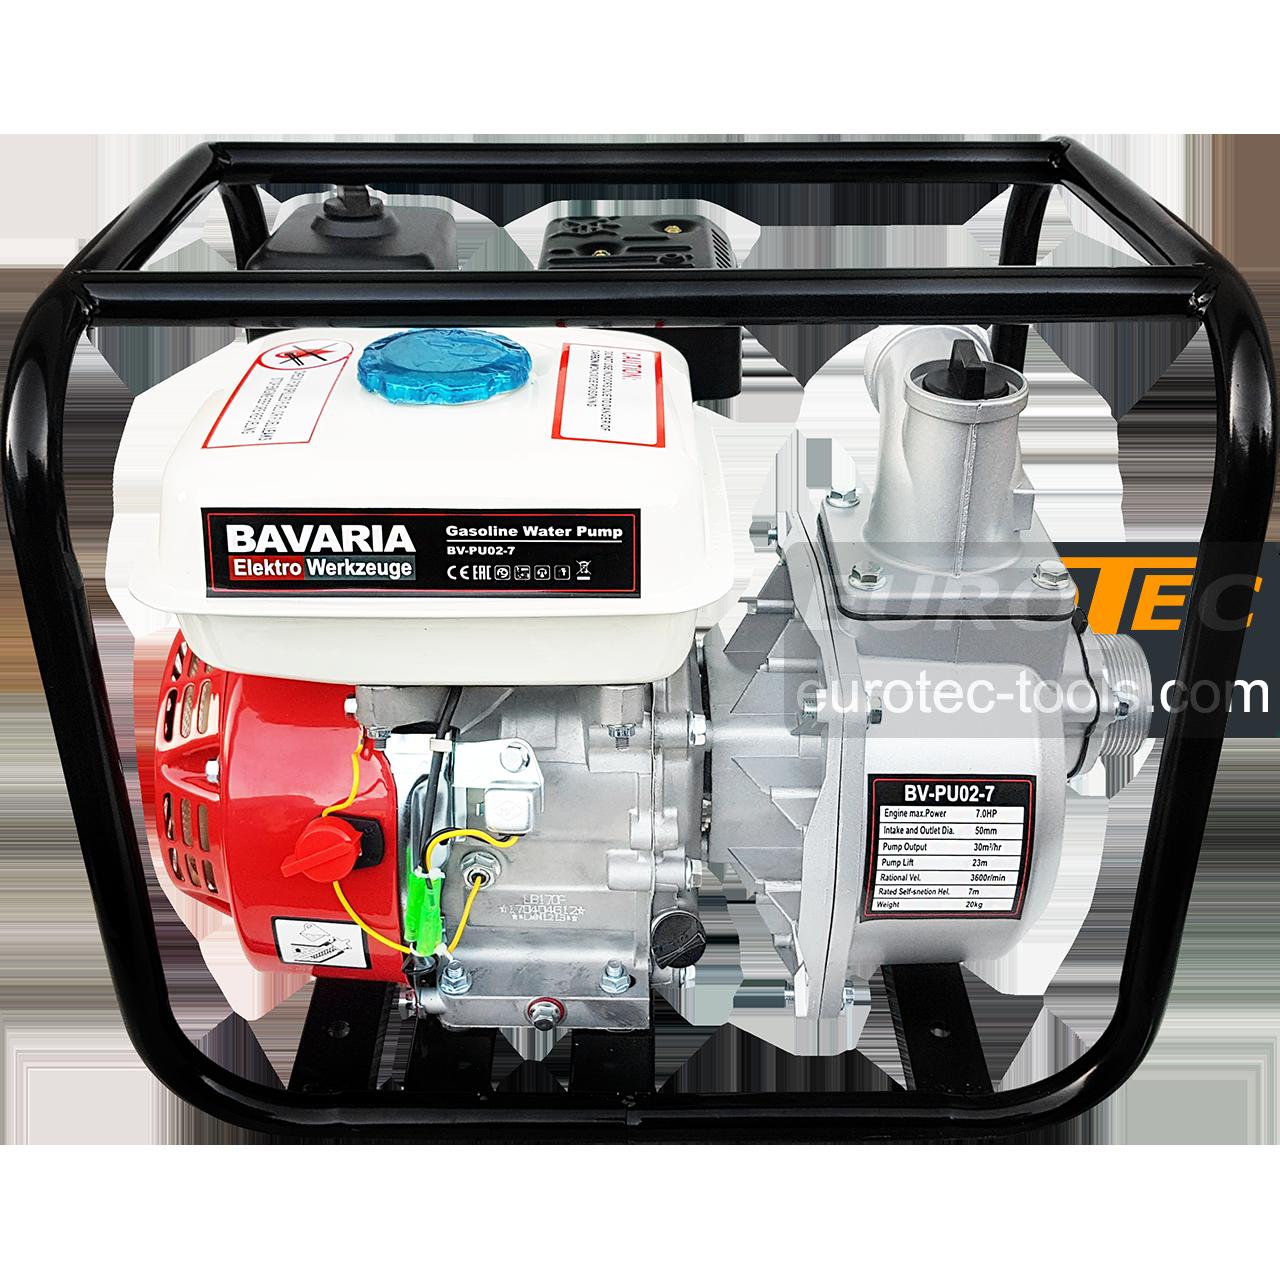 Мотопомпа Bavaria 500 л/мин, 7/23 м всасывание/подача, для чистой и грязной воды, для осушения и водоснабжения